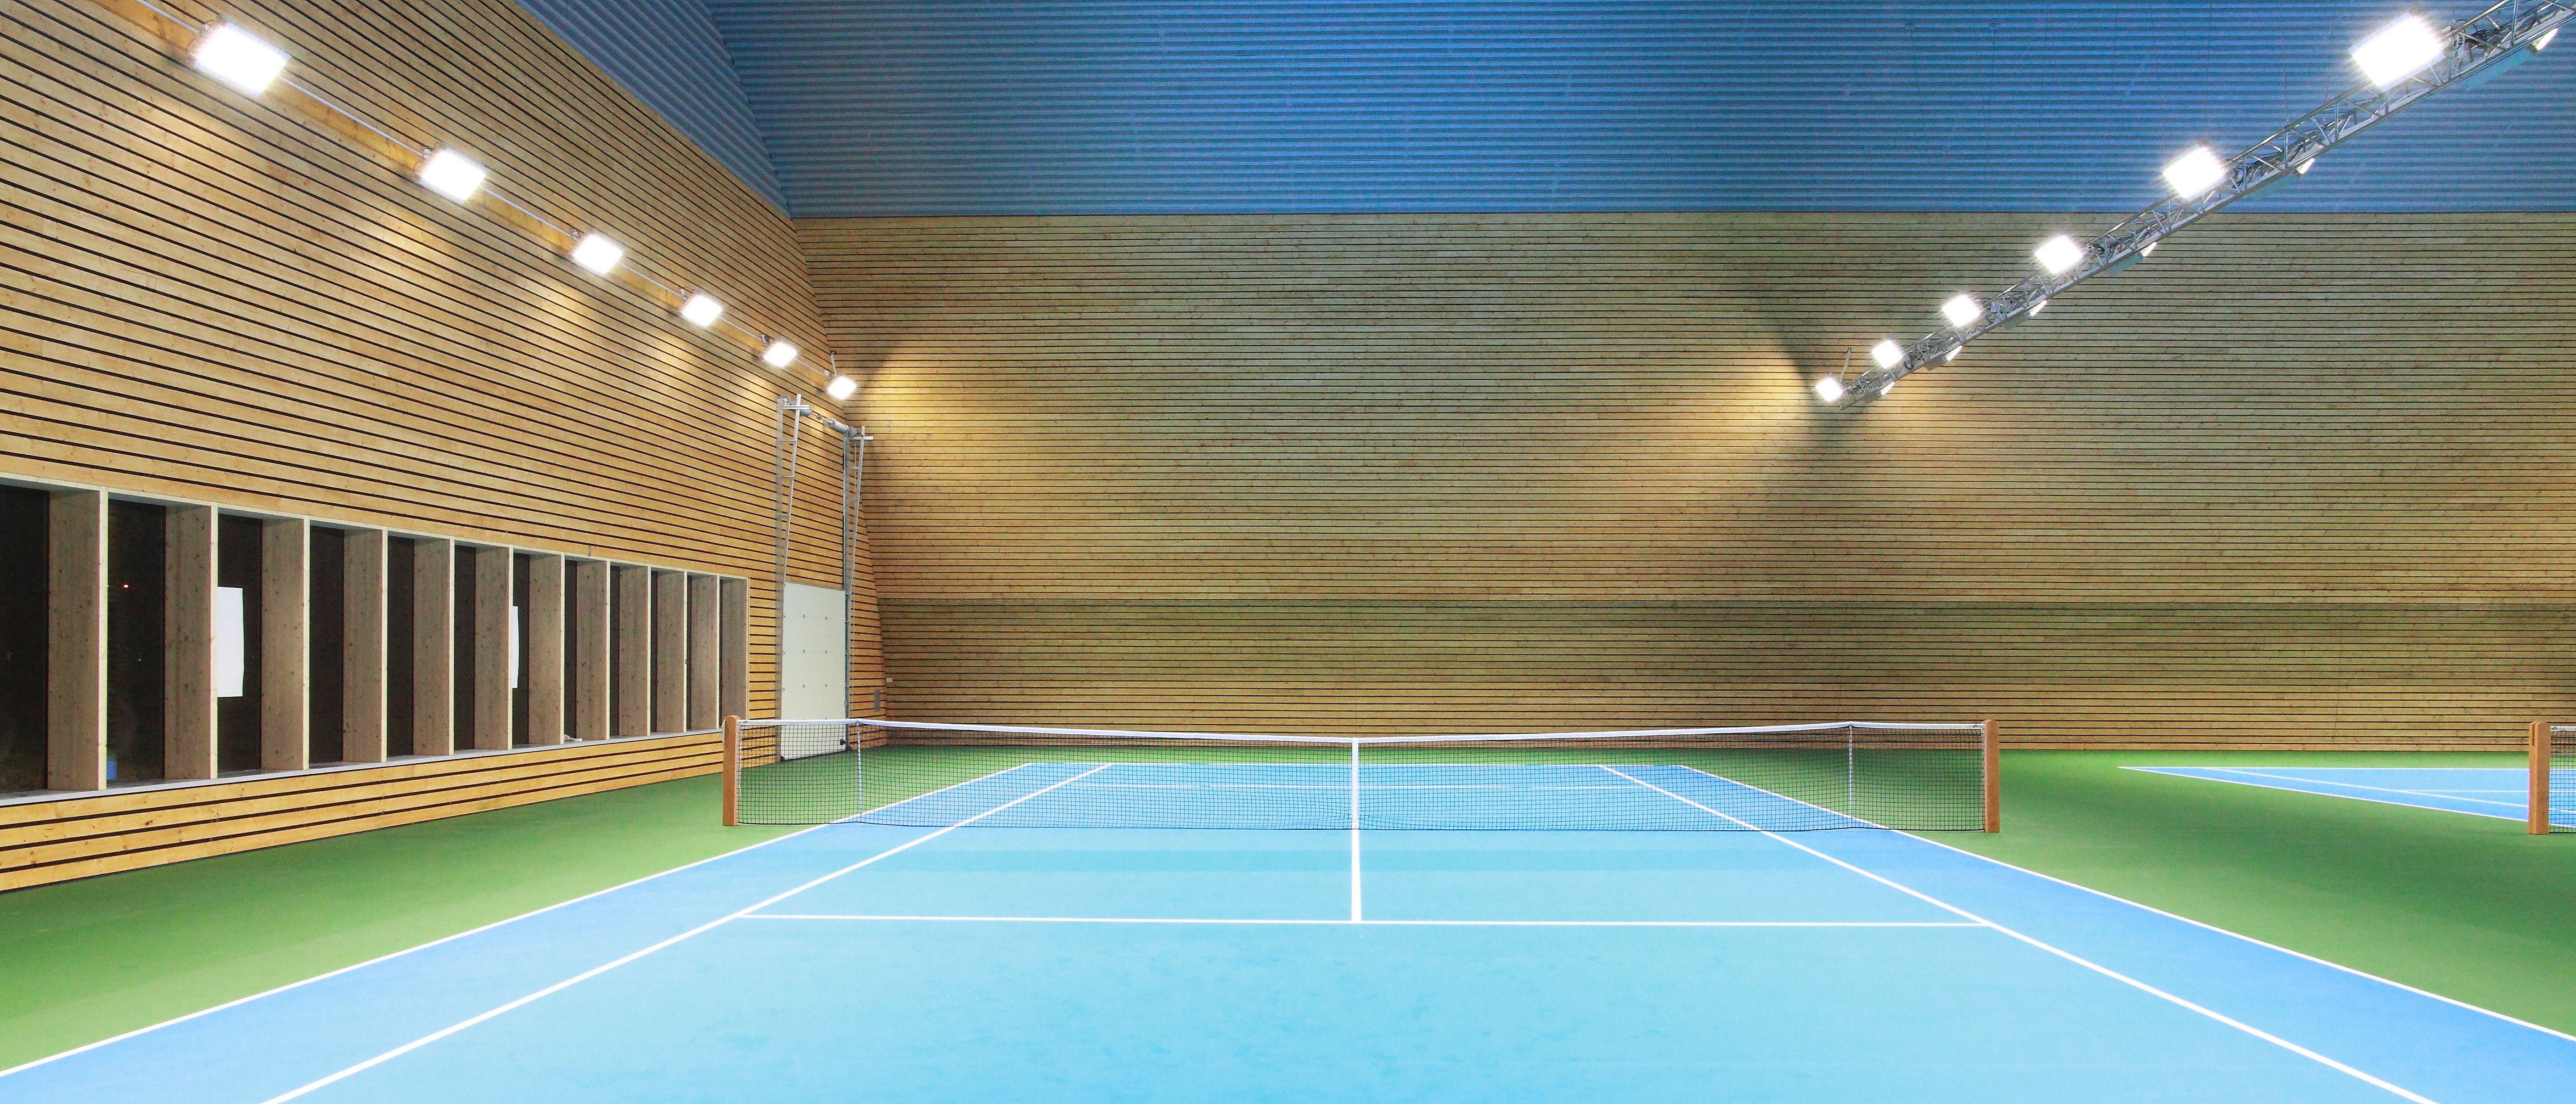 indoor tennis courts lighting case